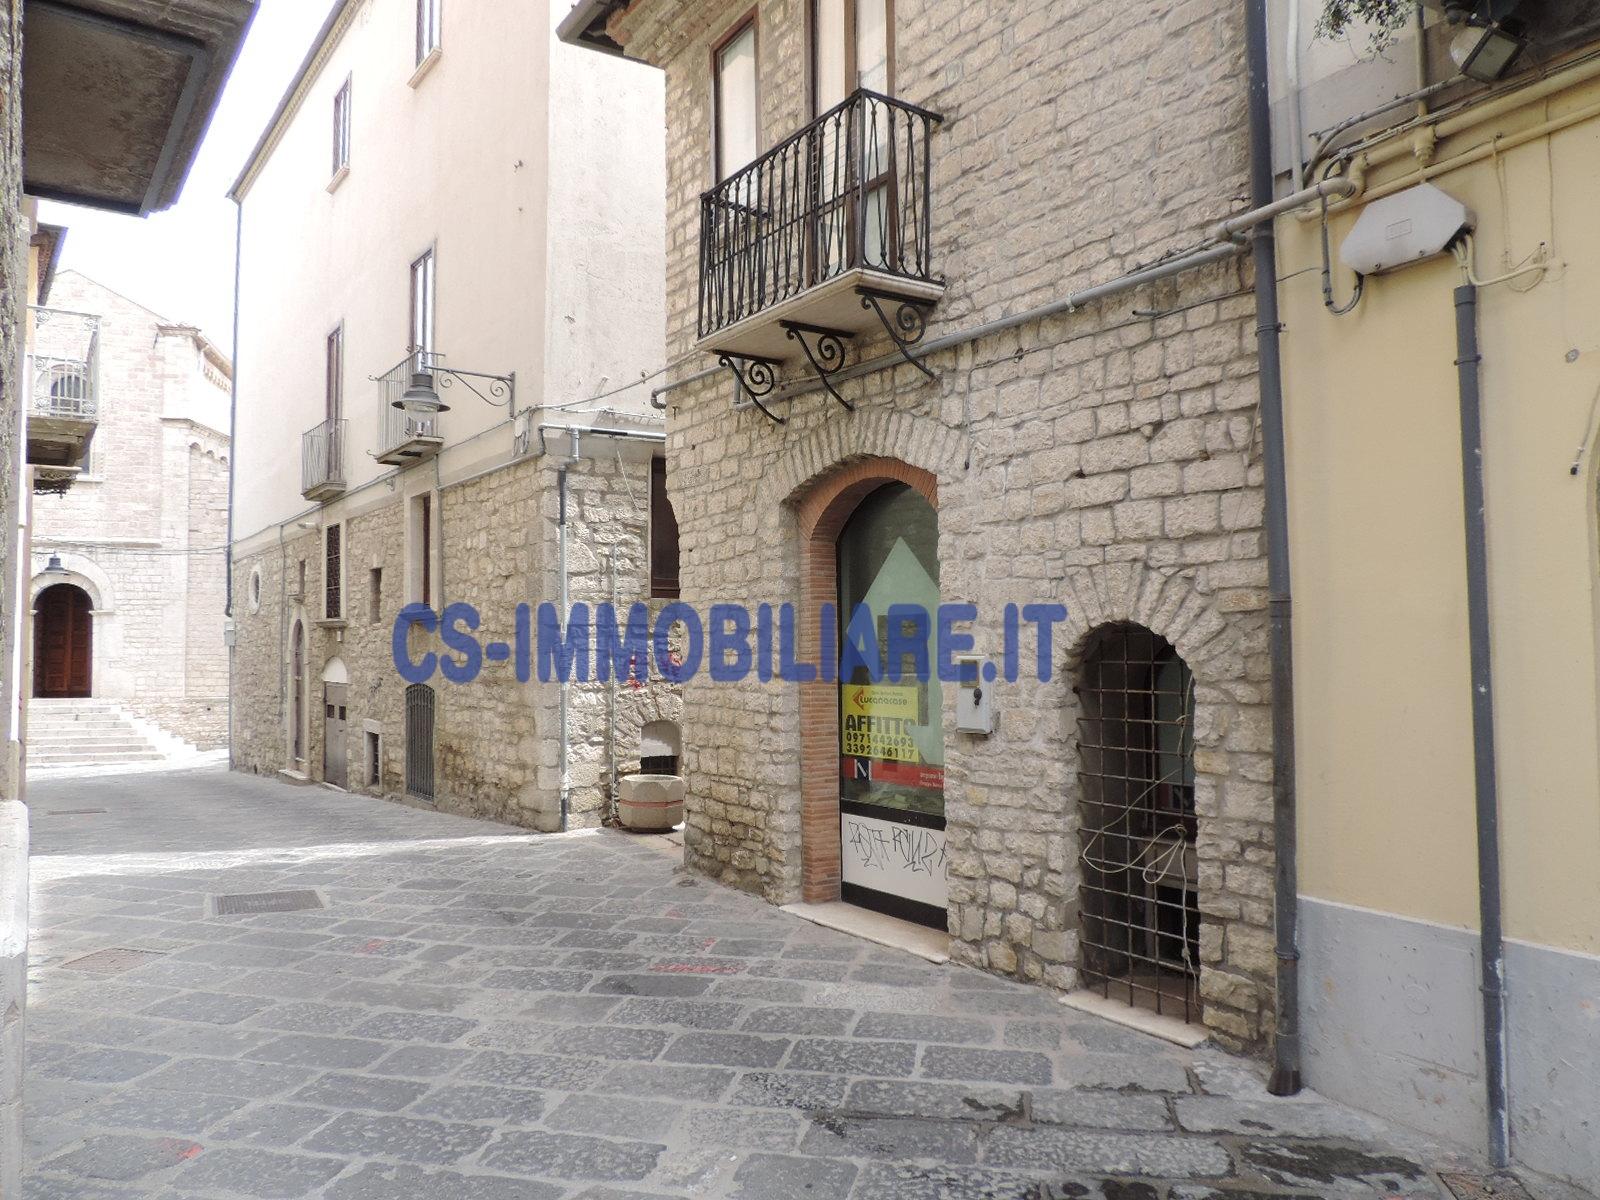 Negozio / Locale in affitto a Potenza, 9999 locali, zona Località: Centrostorico, prezzo € 300 | CambioCasa.it